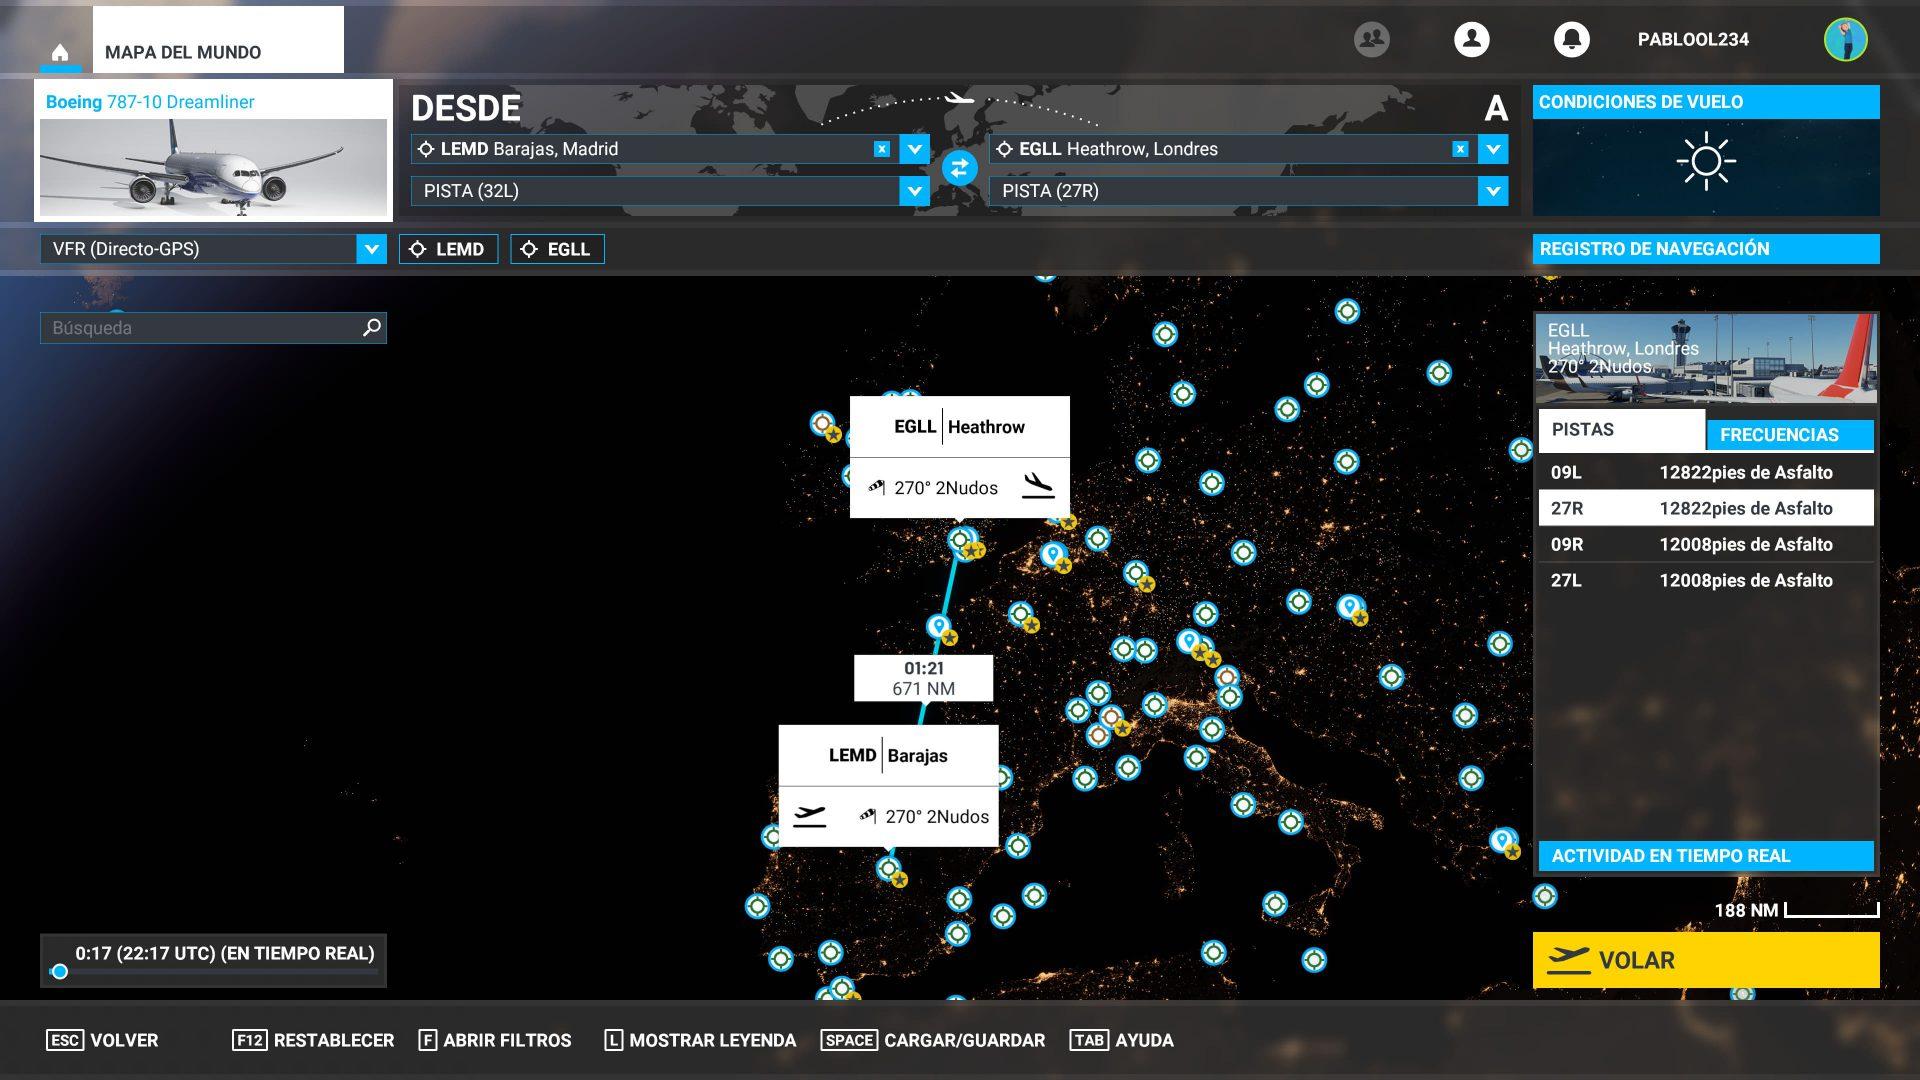 Resumen del vuelo libre de Microsoft Flight Simulator